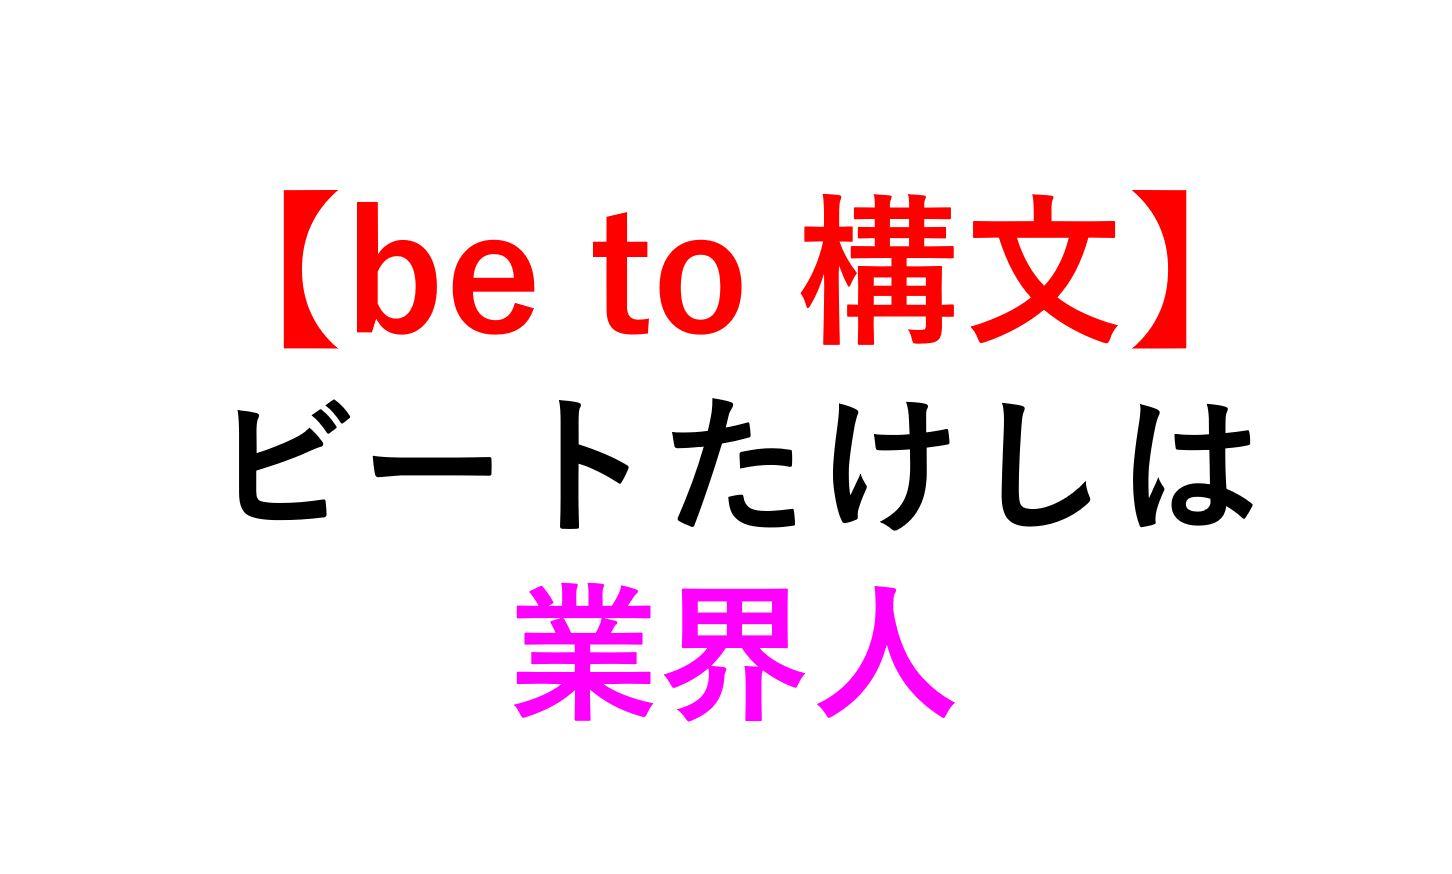 To 構文 be 熟語!独立不定詞とは?(分詞構文との違いやbe to不定詞まで)【英文法】